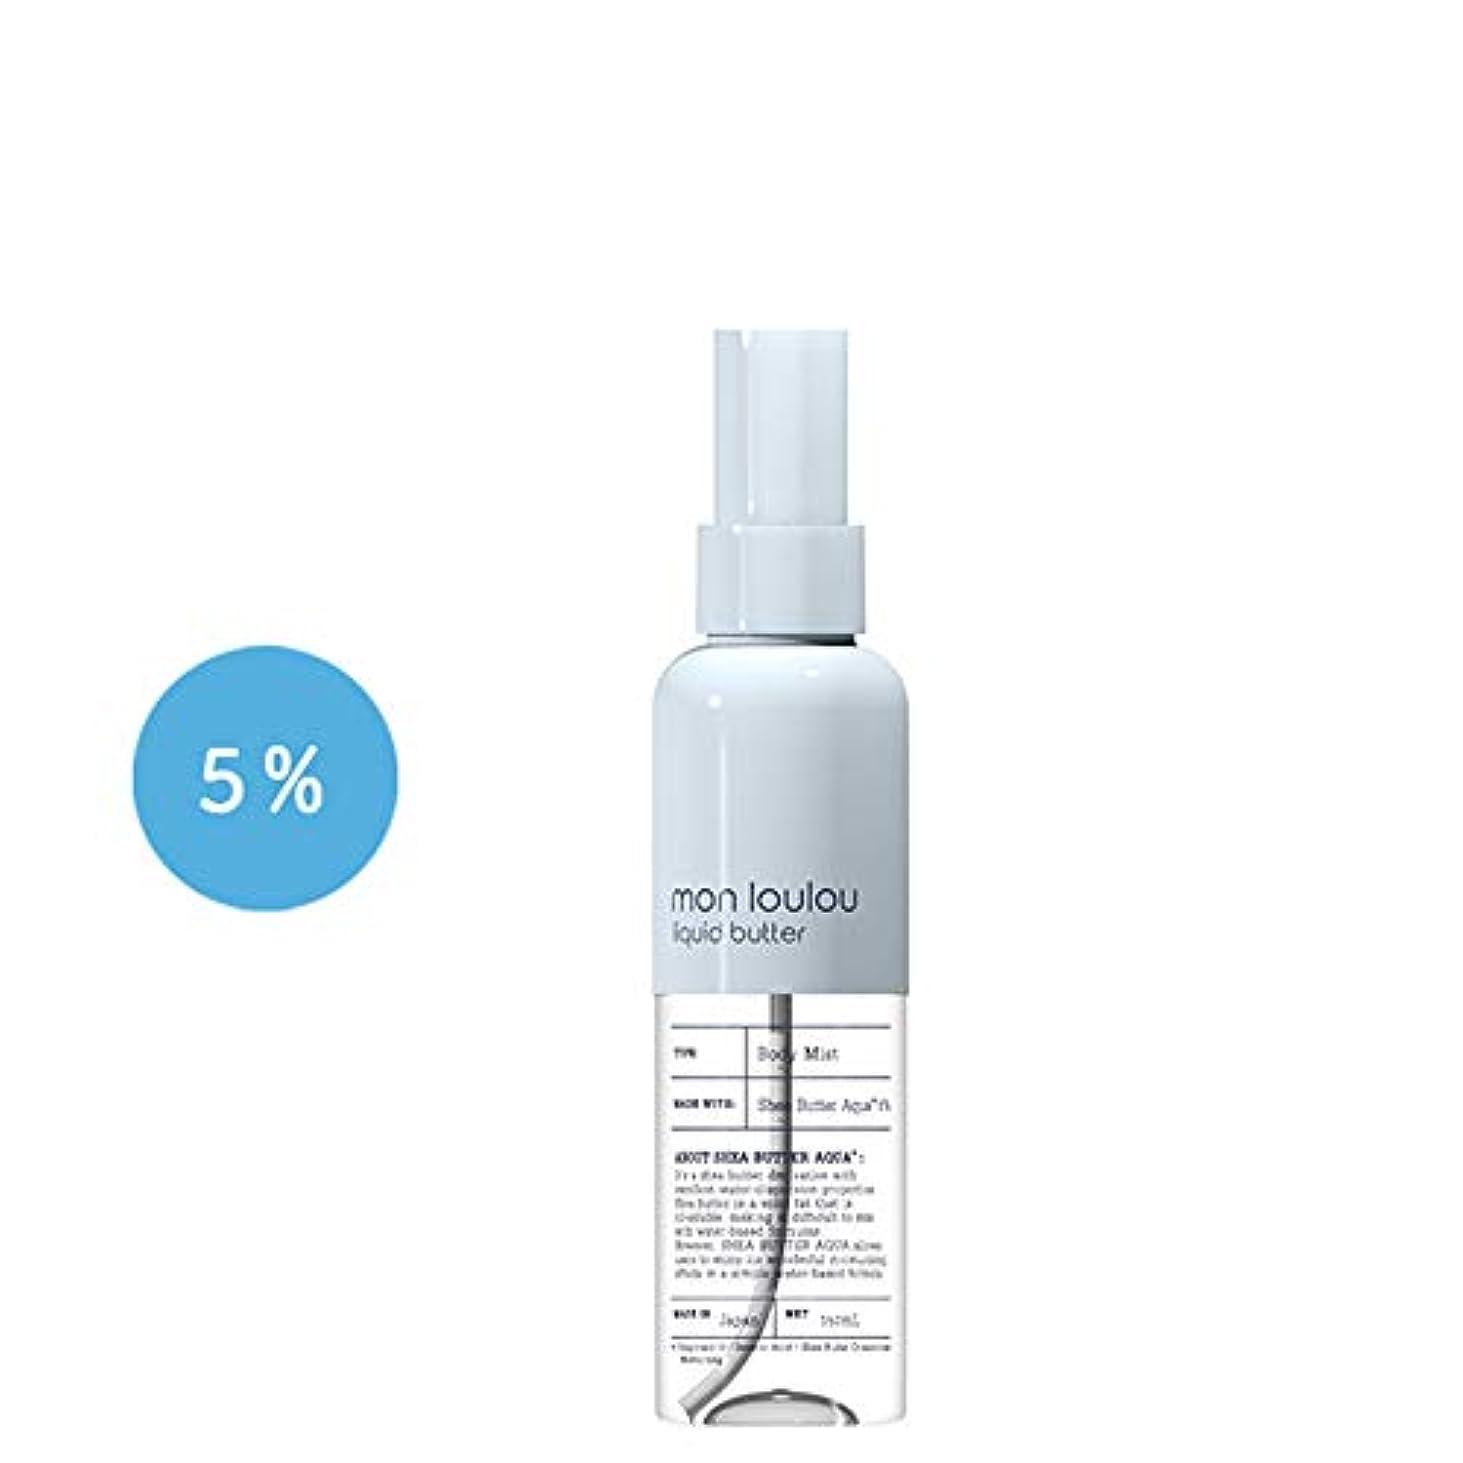 フェザーハーネス誘発するモンルル 5% ボディミスト 150mL